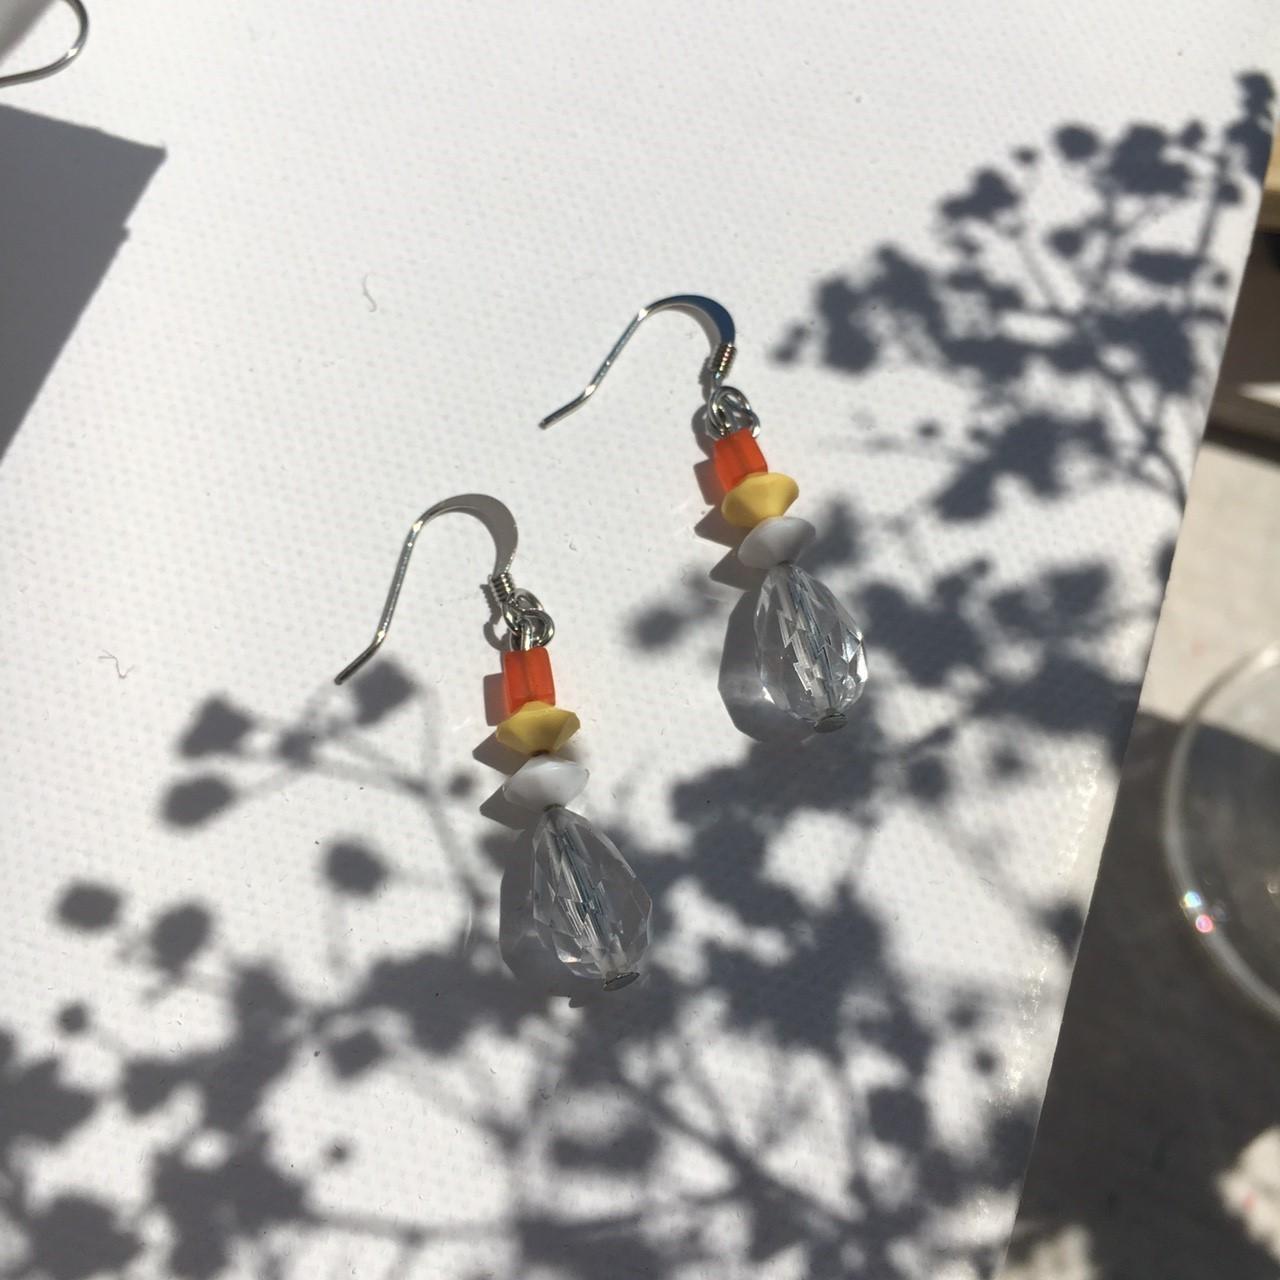  透明系 橘子汽水耳環